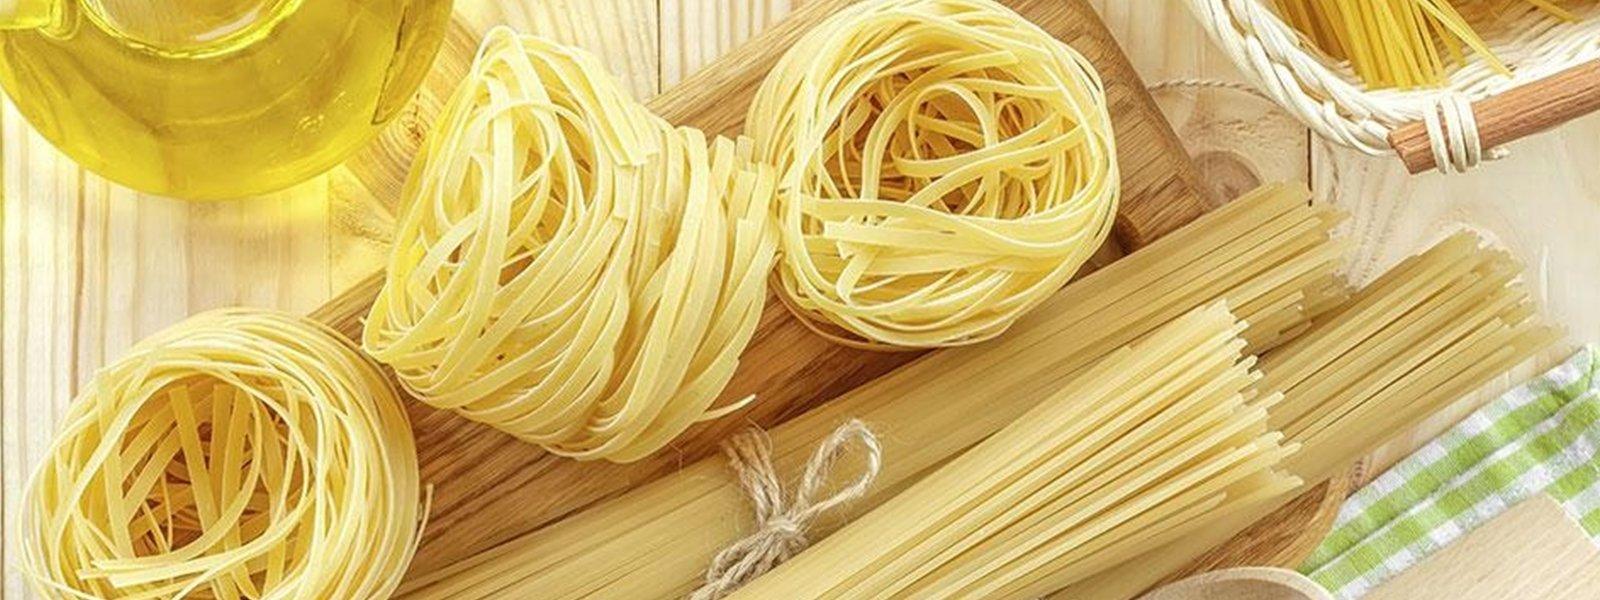 delle tagliatelle, degli spaghetti e altro su un tavolo di legno